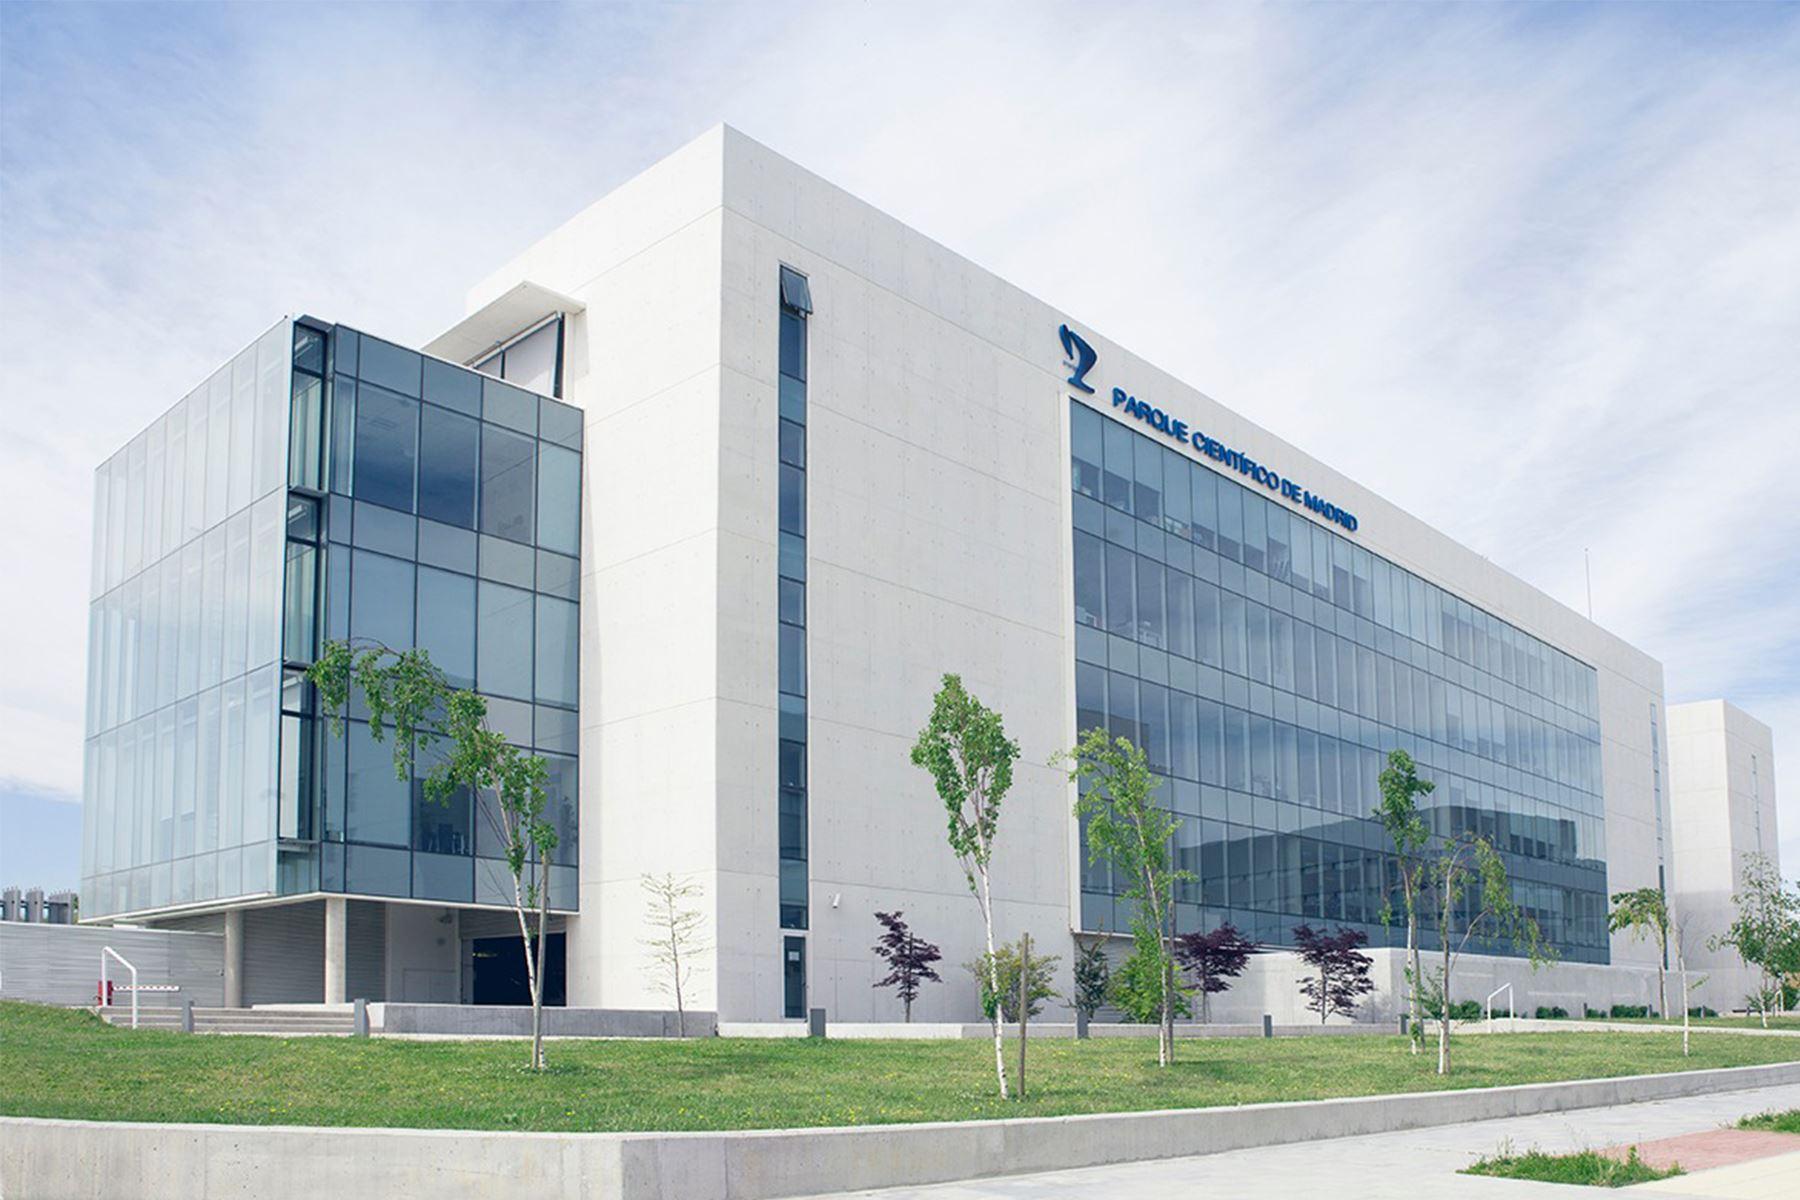 Expertos darán ponencias sobre gestión y desarrollo de parques científicos tecnológicos | Noticias